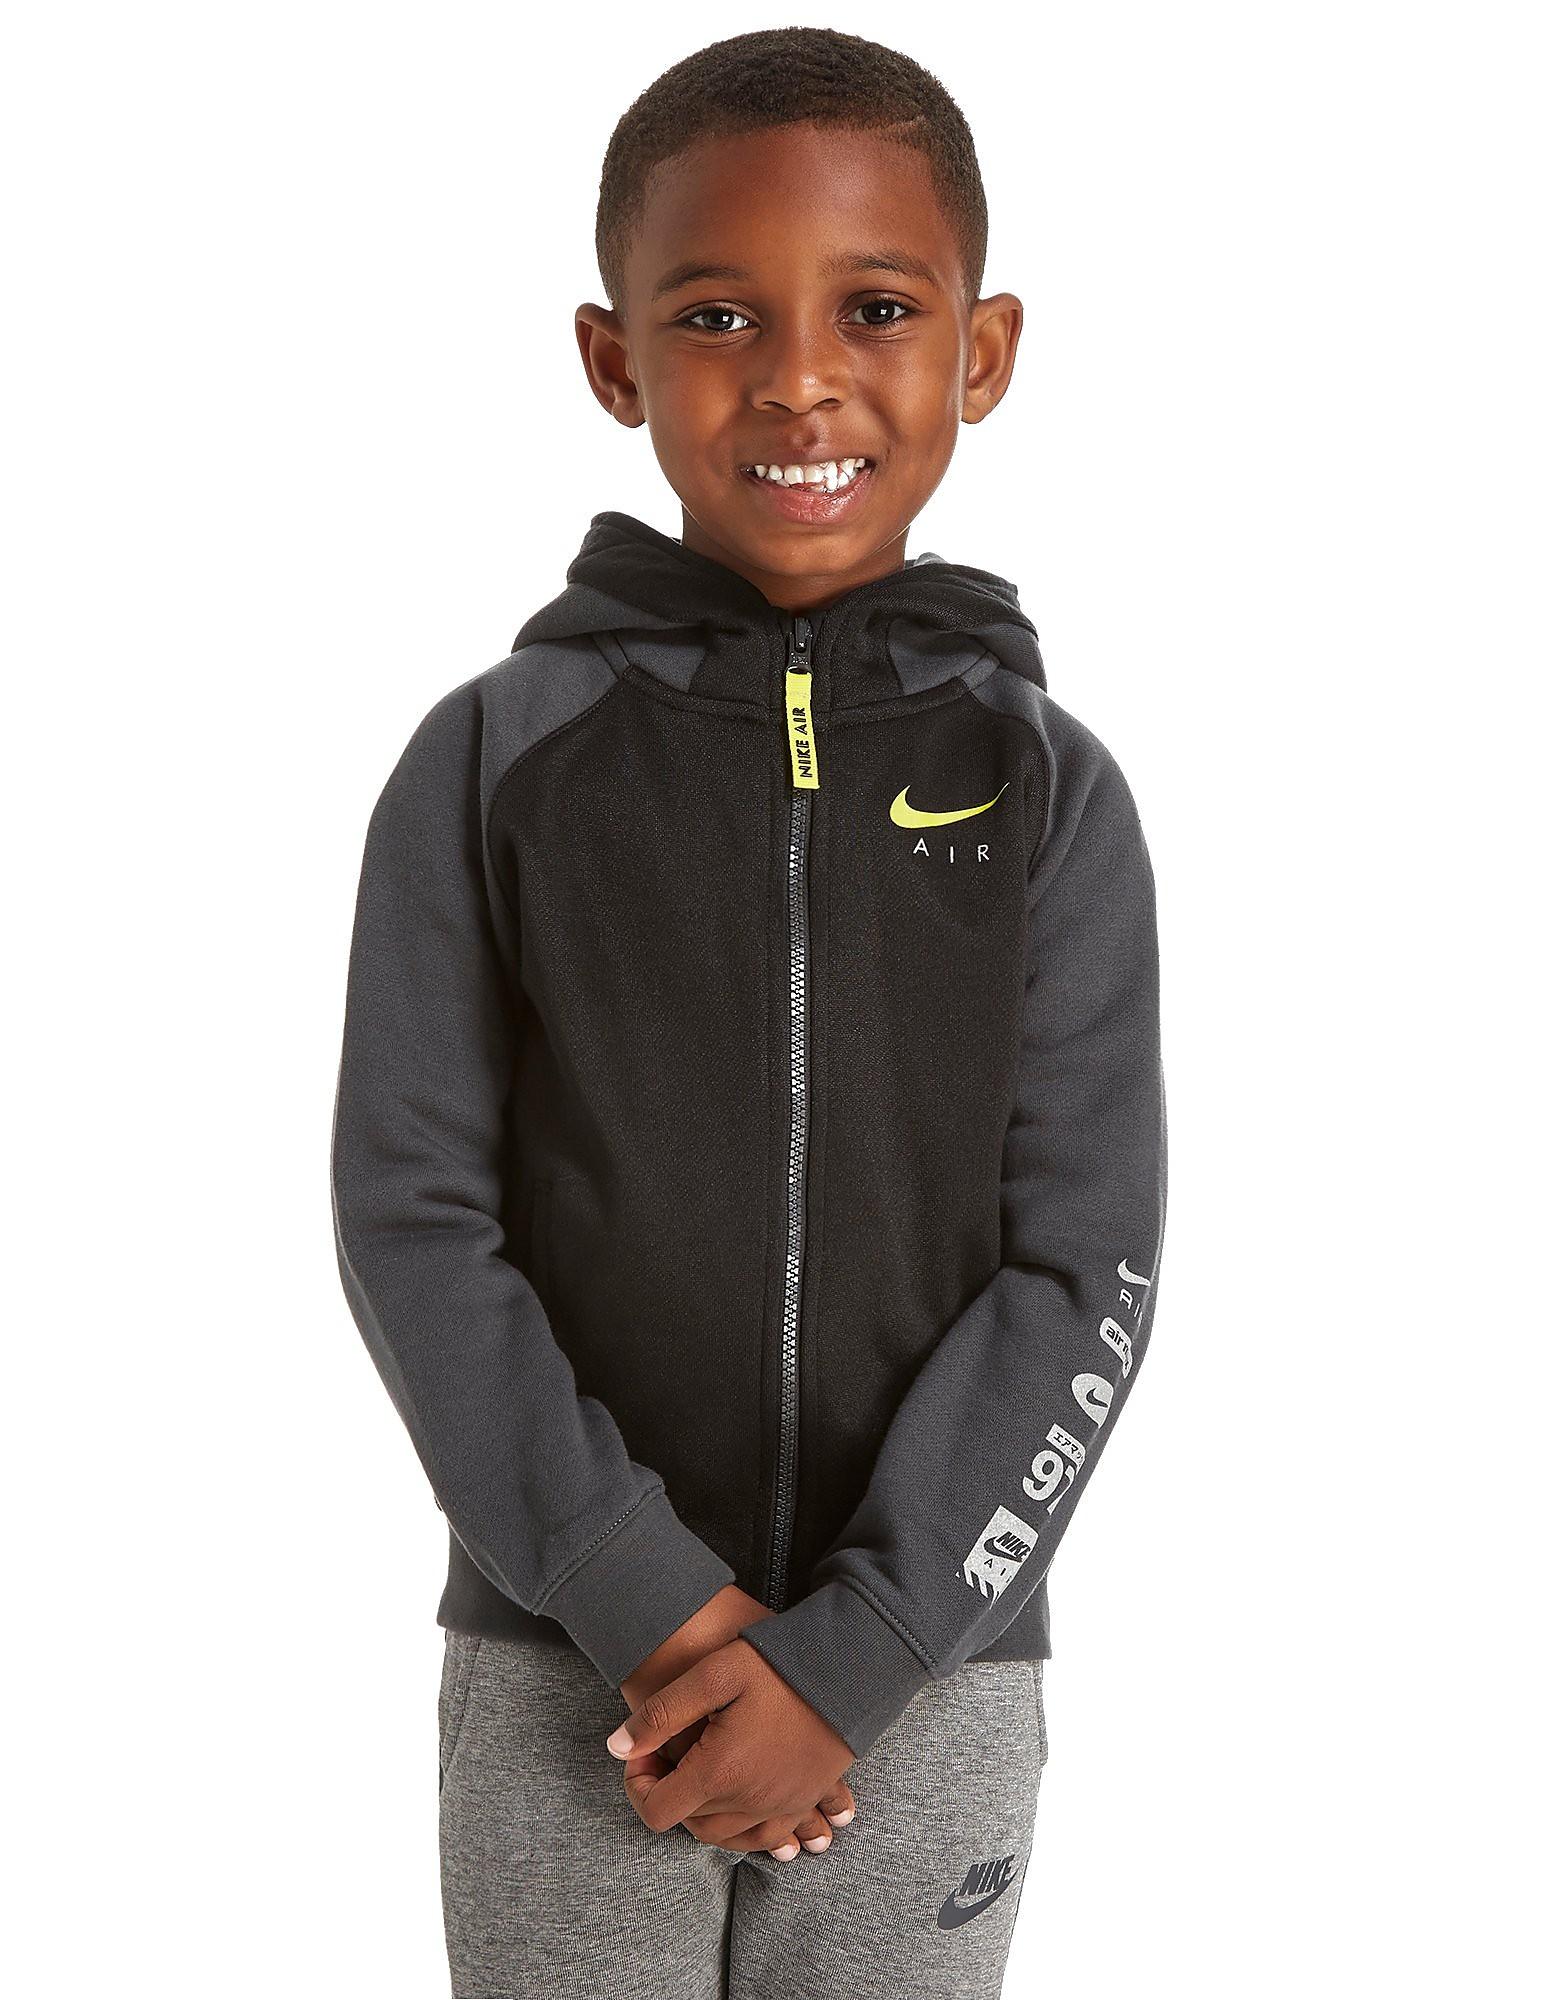 Nike chaqueta Air infantil